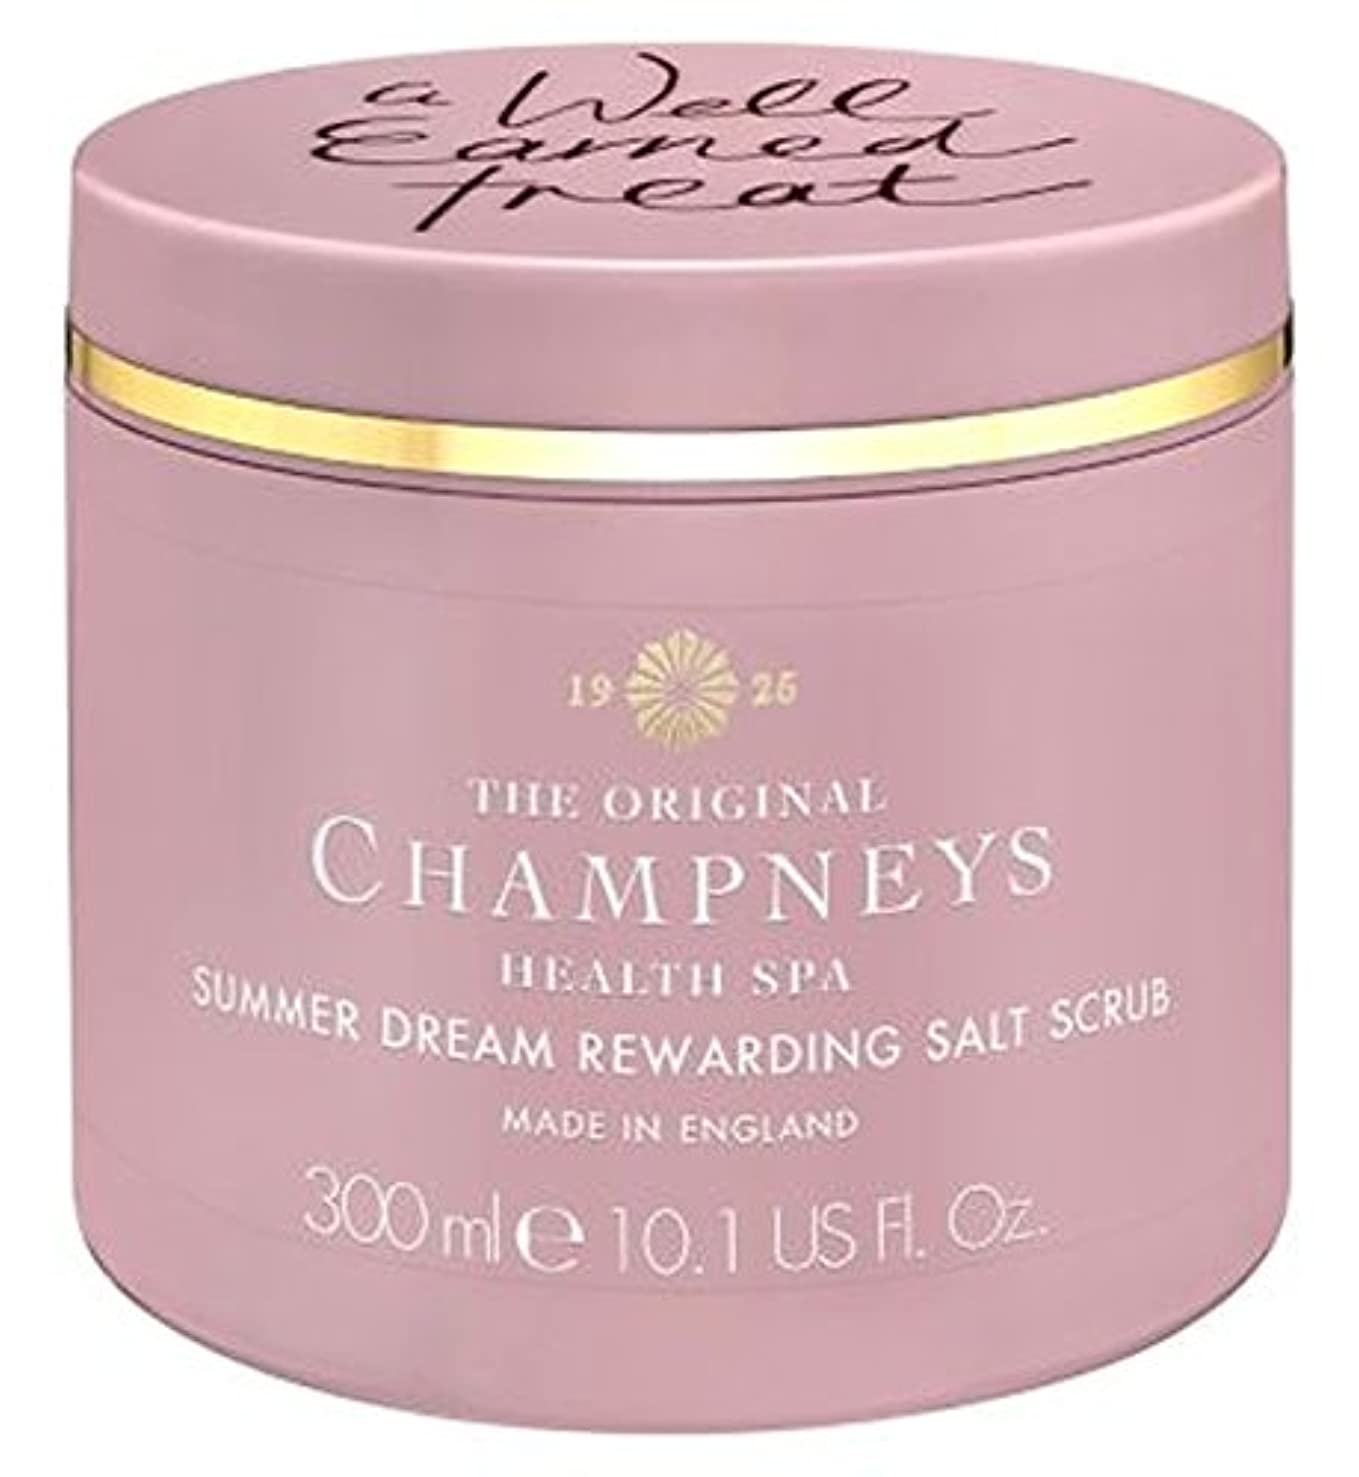 小さいスイ公爵チャンプニーズの夏の夢やりがいの塩スクラブ300ミリリットル (Champneys) (x2) - Champneys Summer Dream Rewarding Salt Scrub 300ml (Pack of 2) [並行輸入品]